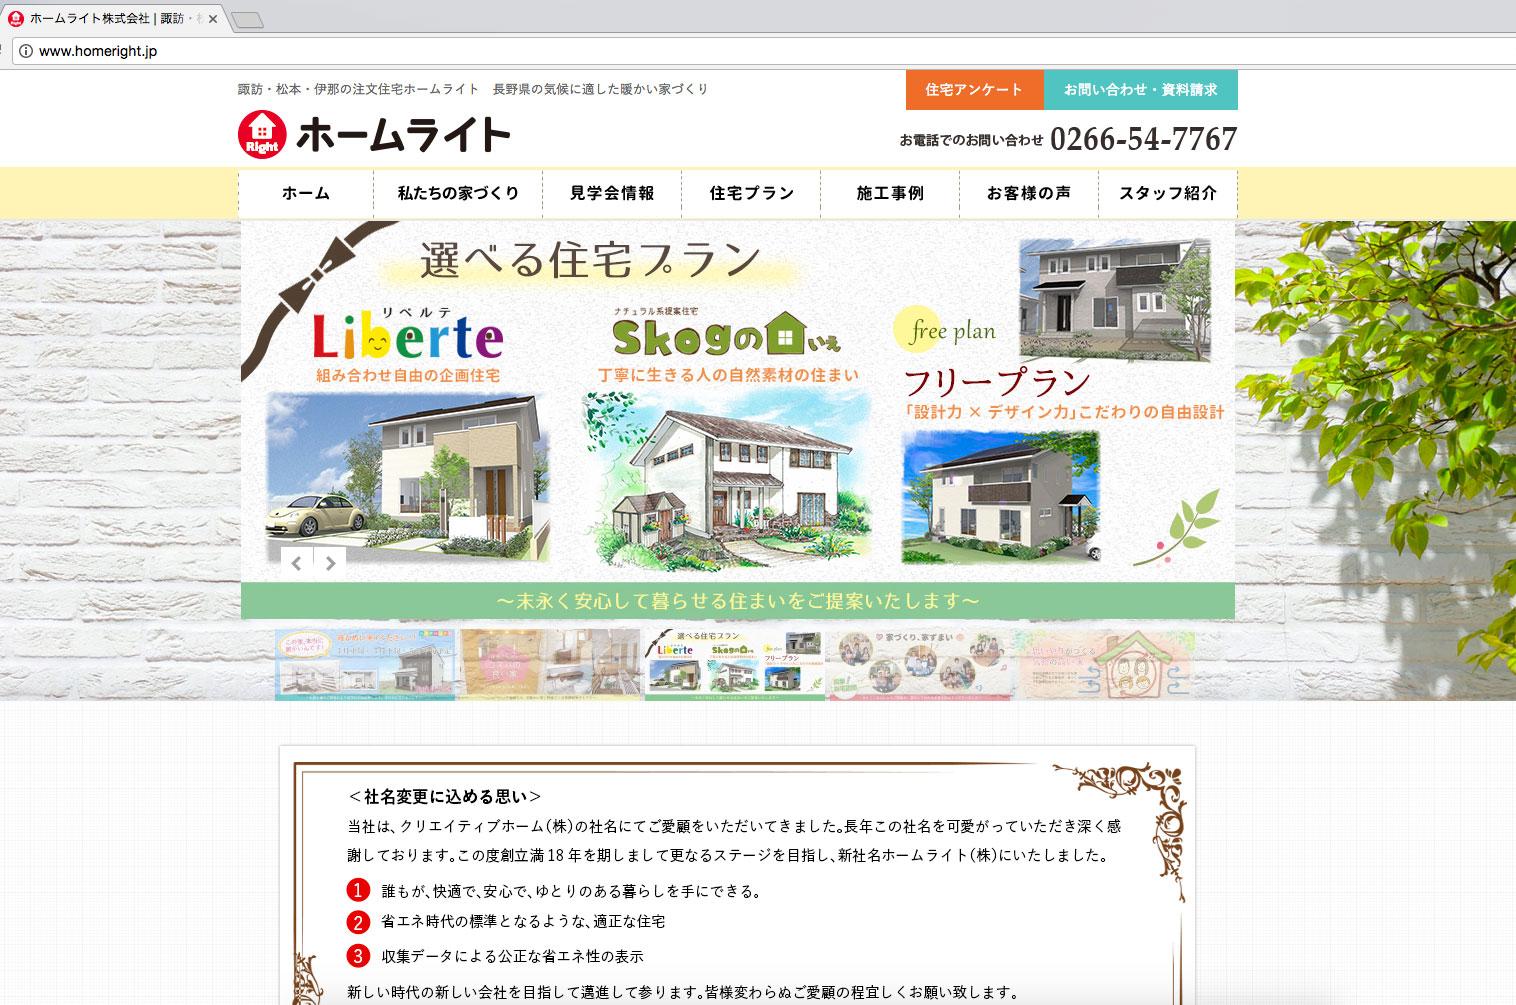 ホームライト株式会社様のホームページが誕生いたしました。